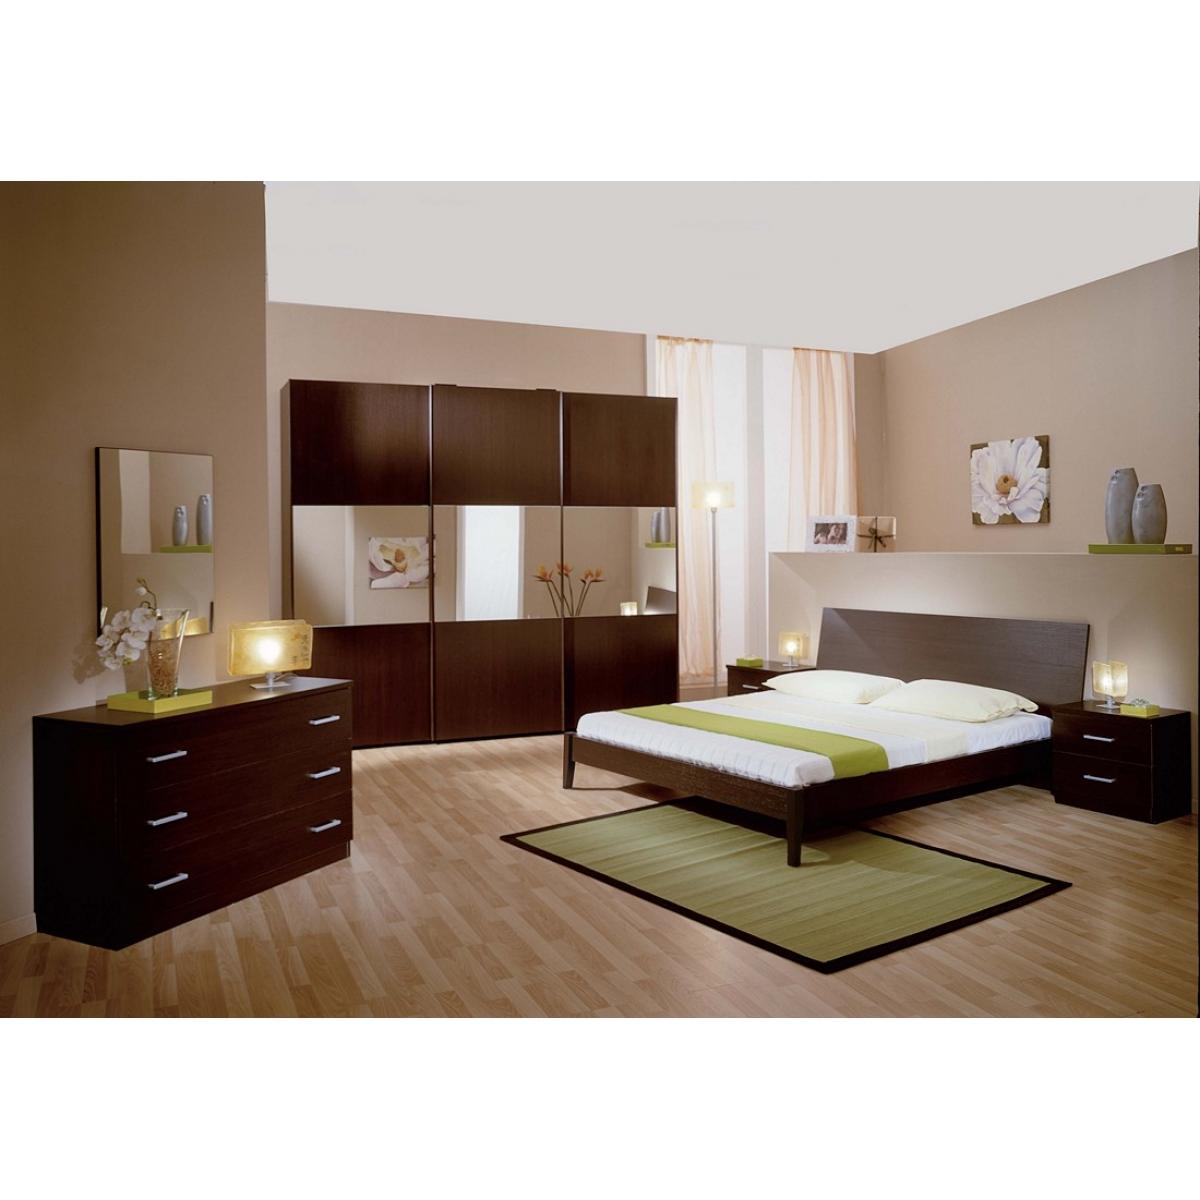 Camera da letto in ciliegio come pitturare le pareti - Come pitturare una camera da letto ...